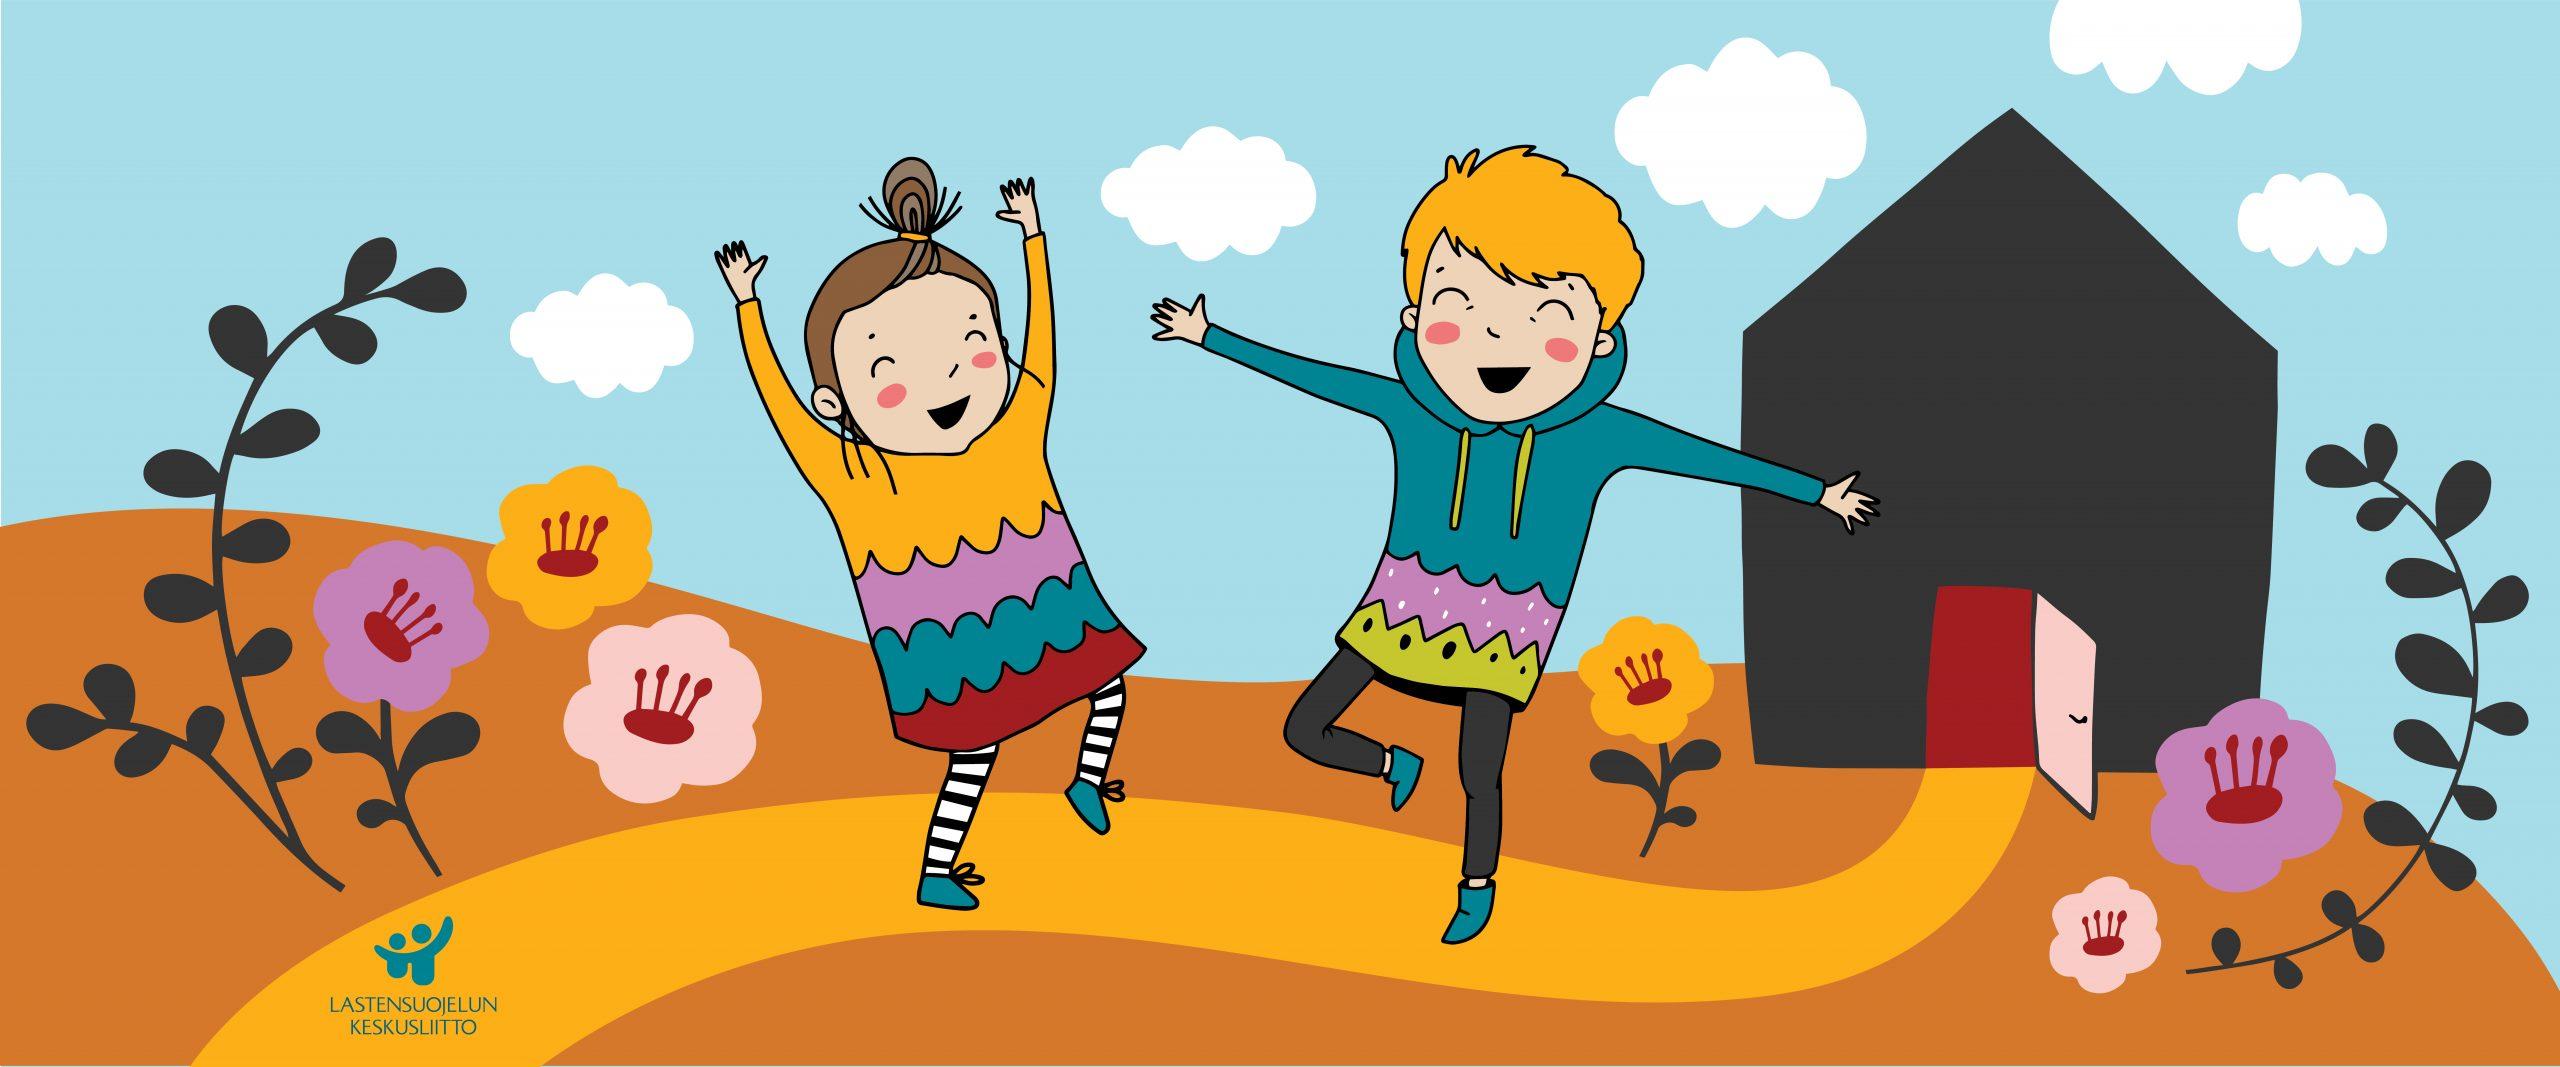 Valtakunnalliset lastensuojelupäivät® 2021: Lastensuojelu on koronan jälkeen uuden edessä